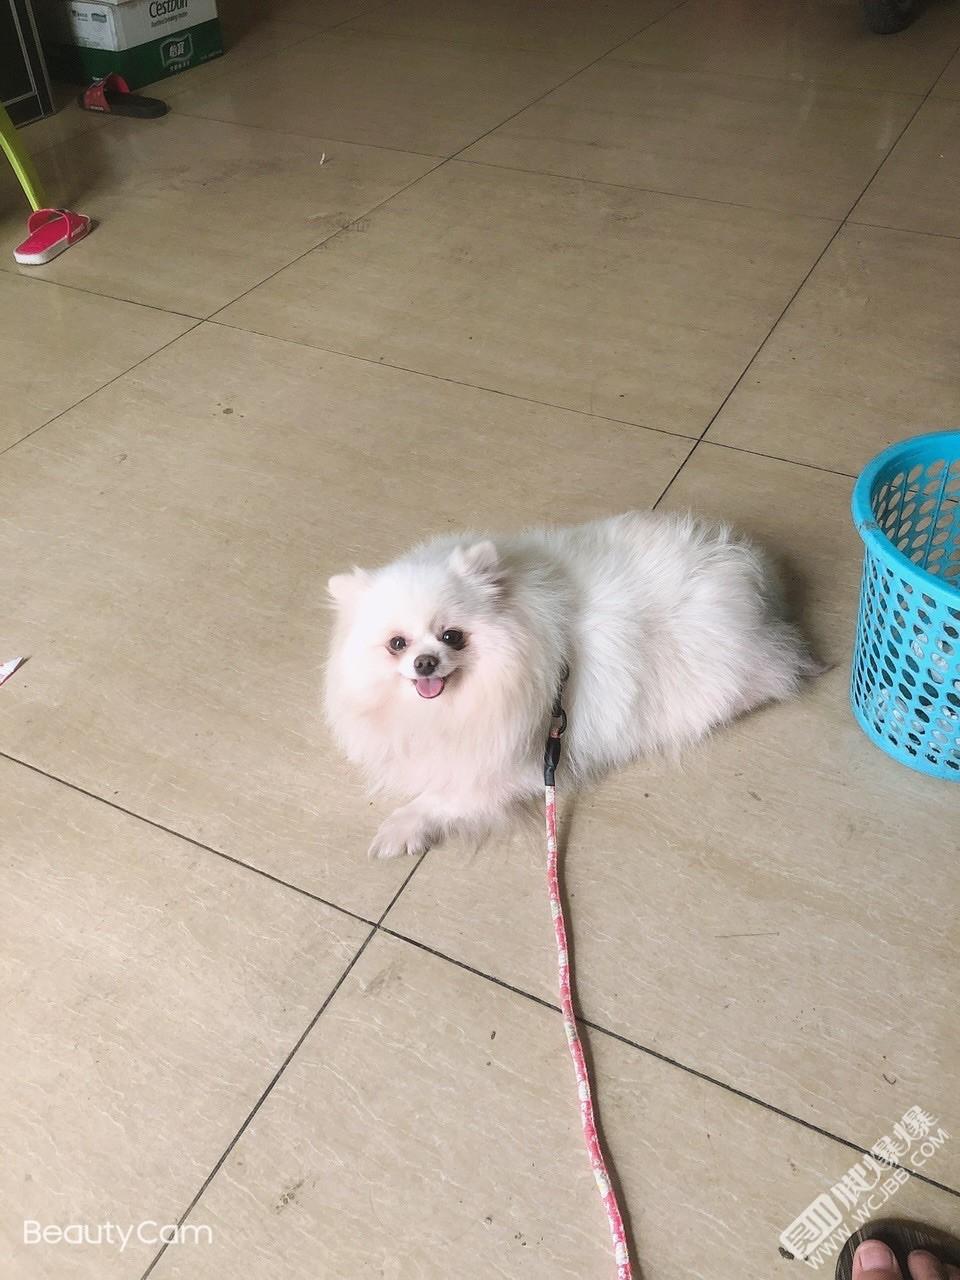 尋狗啟事】在博鋪瓦窯路口附近走丟的博美,狗狗8斤左右,酬謝2000元